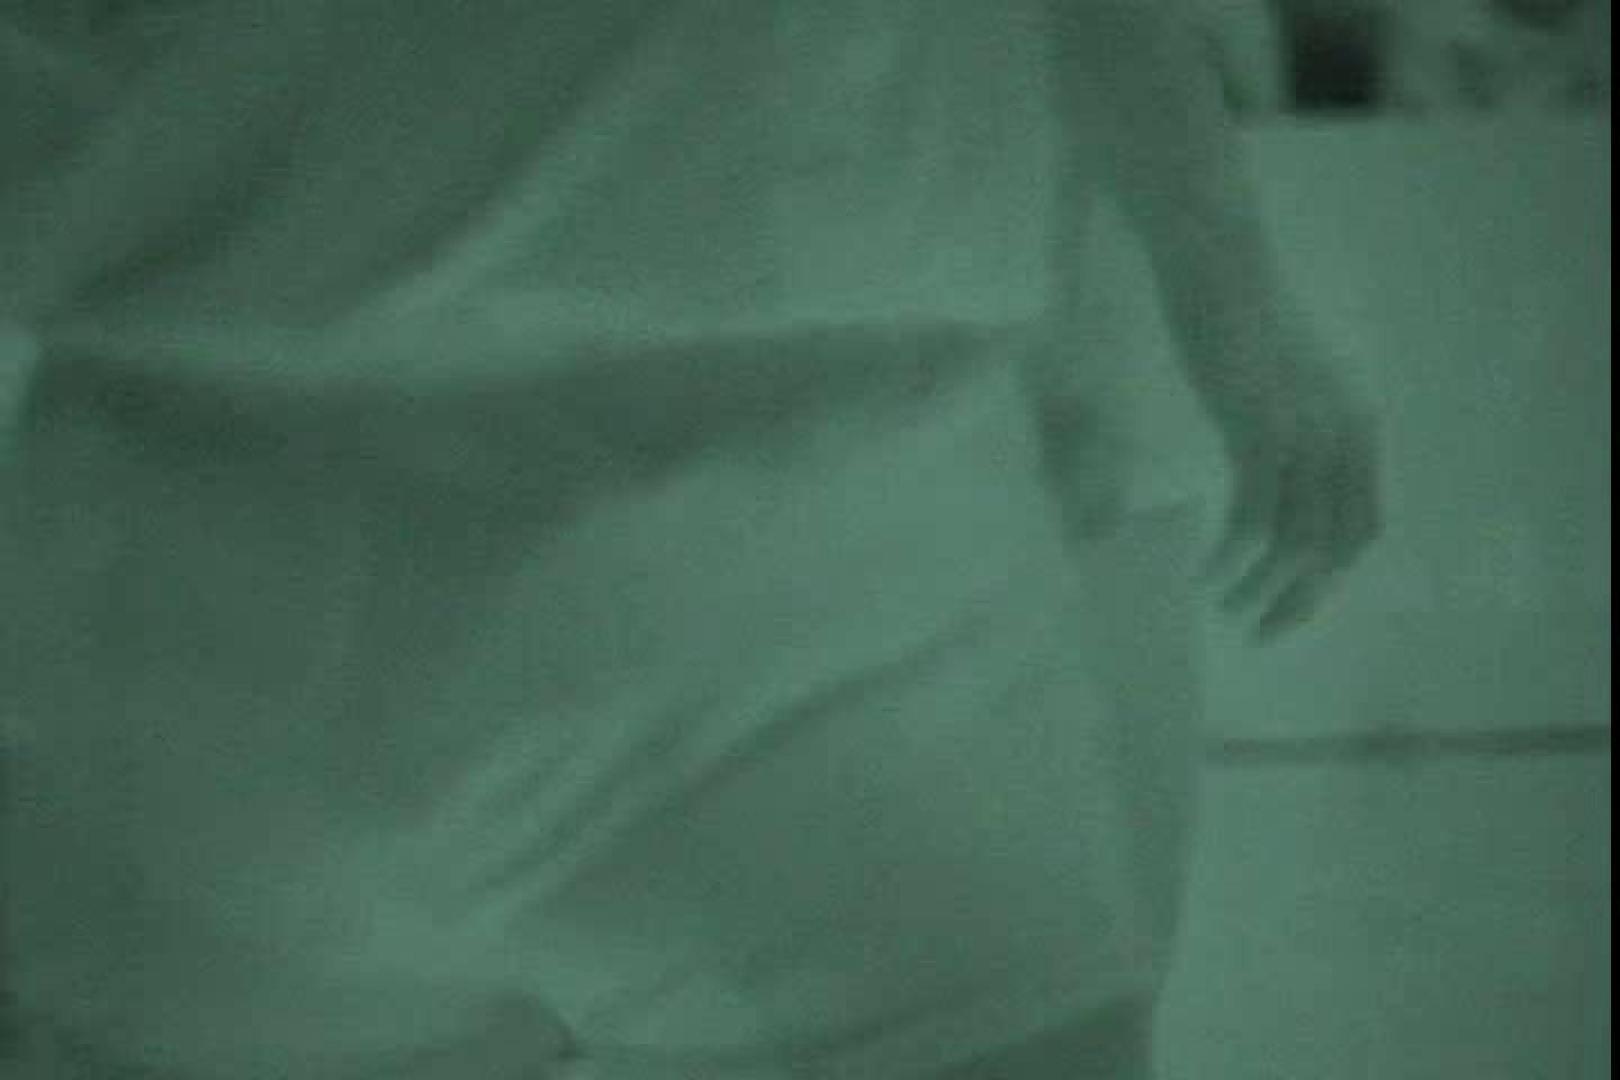 赤外線ムレスケバレー(汗) vol.02 アスリート | 美しいOLの裸体  93pic 28